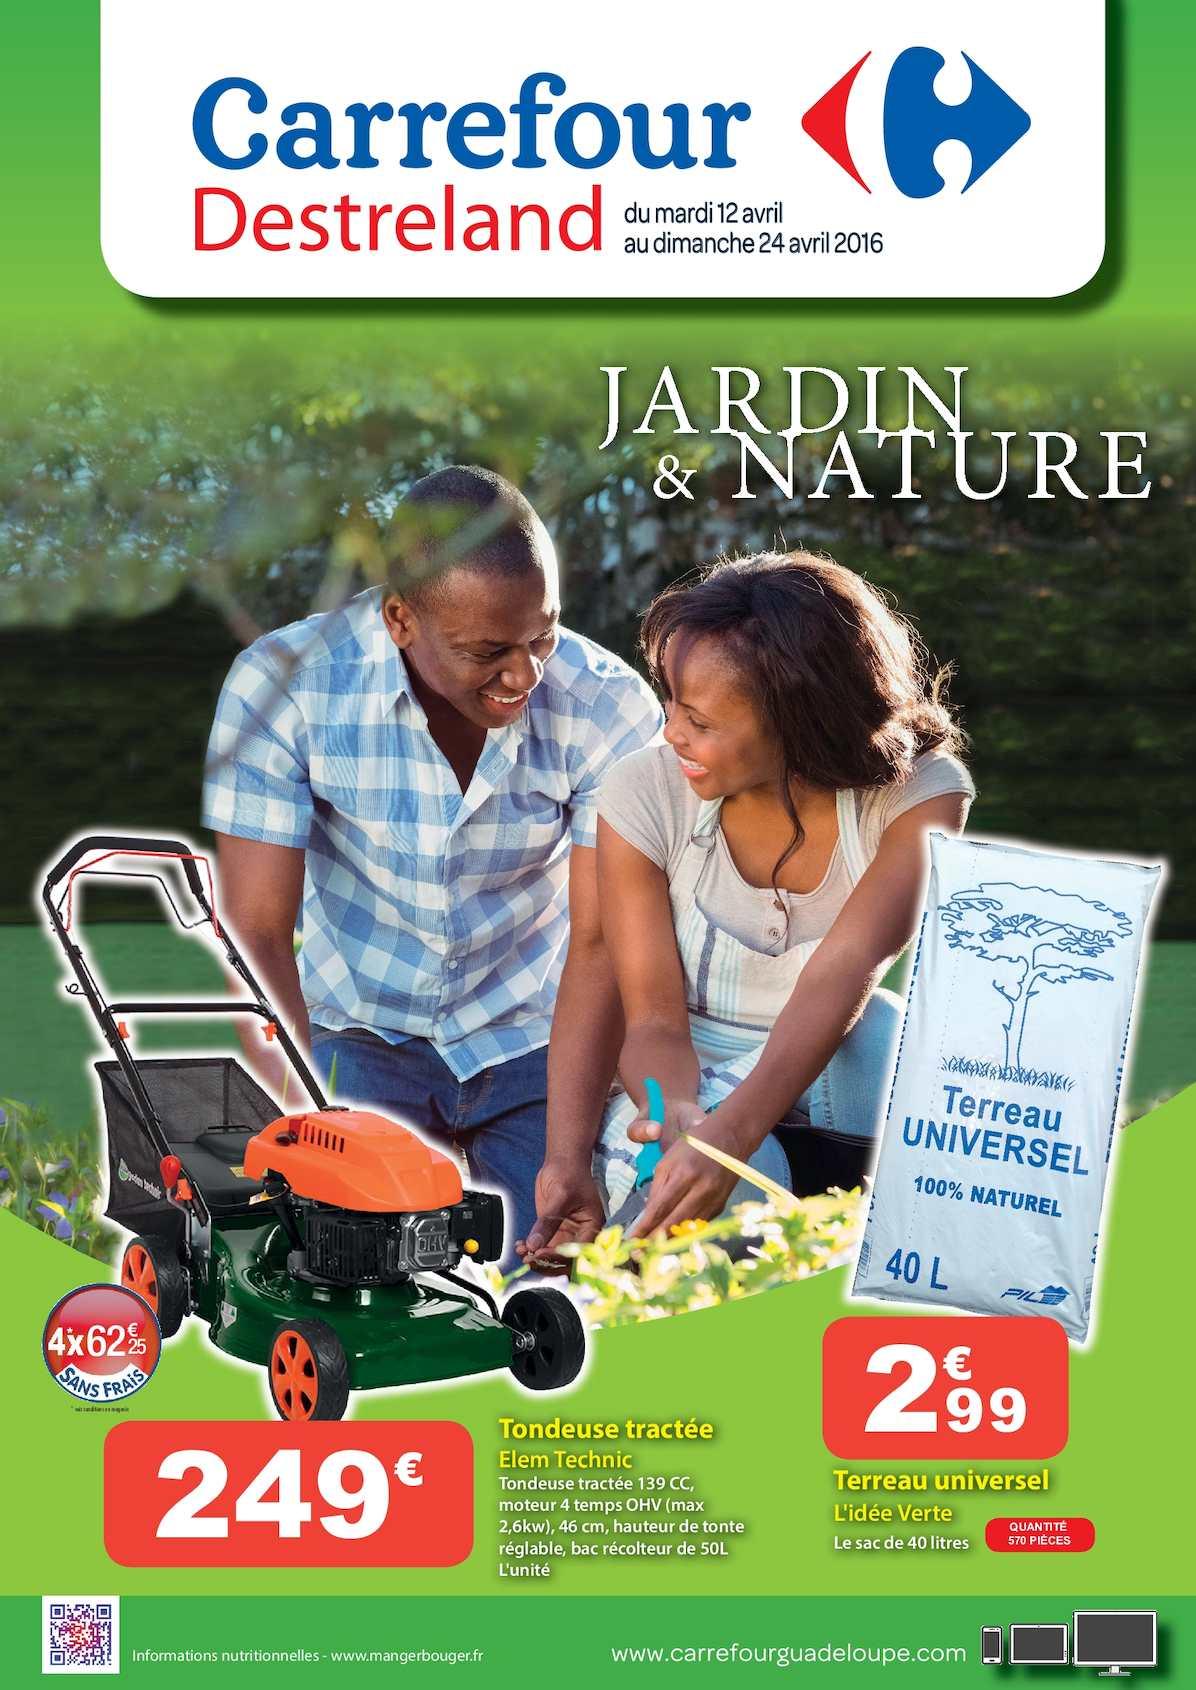 Calaméo - Carrefour Catalogue Jardin & Nature